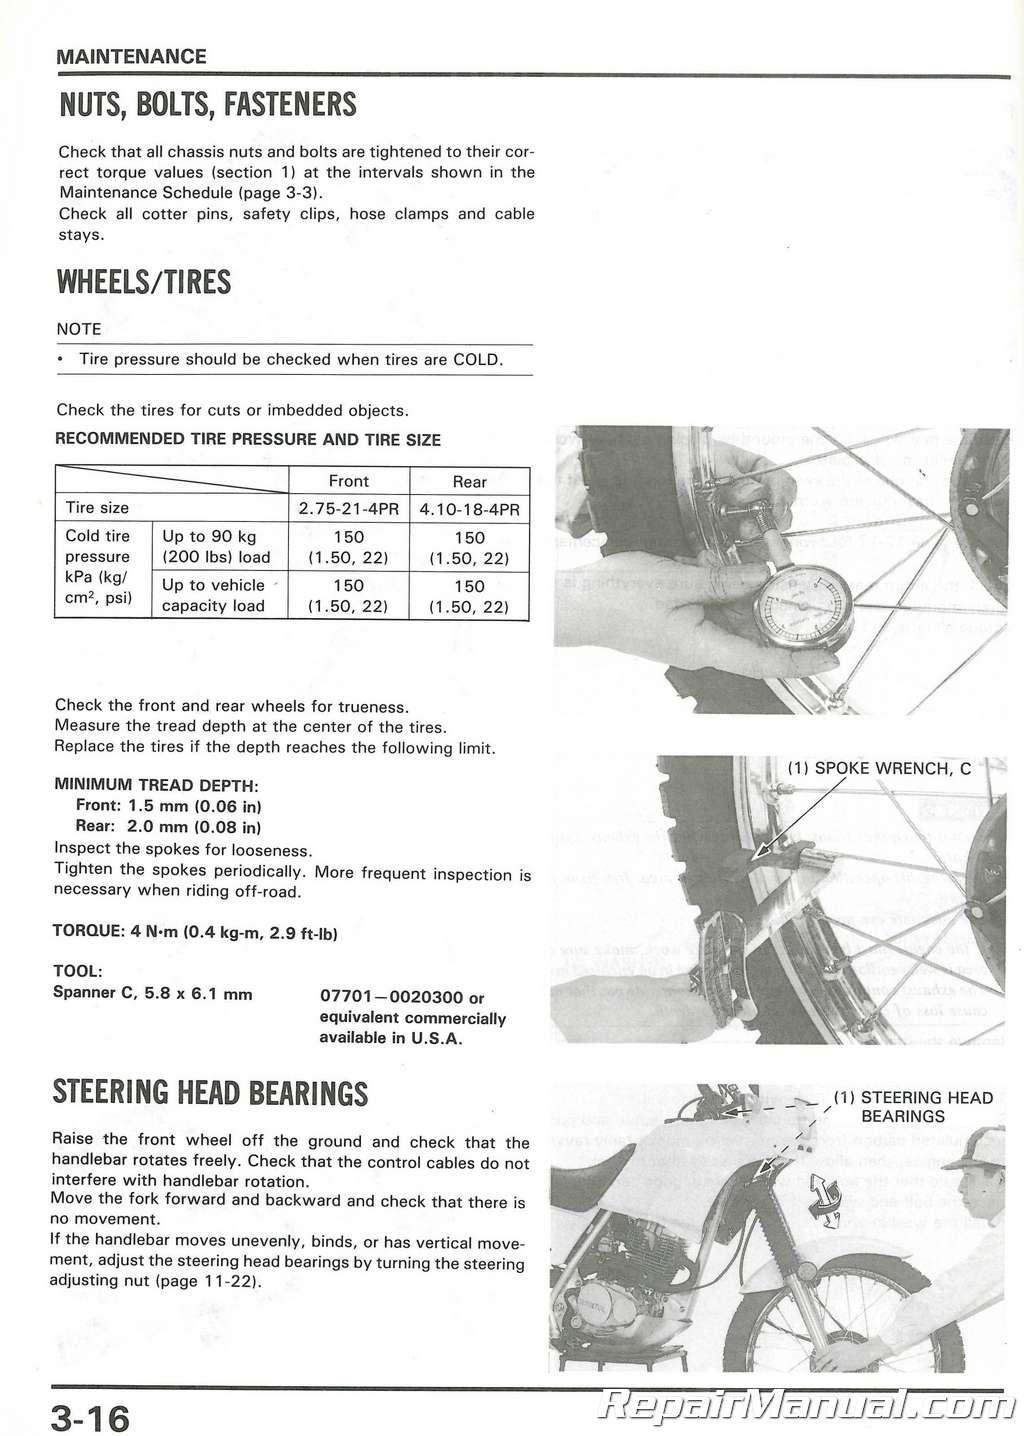 Used 1989 Honda Nx125 Motorcycle Repair Workshop Service Manual